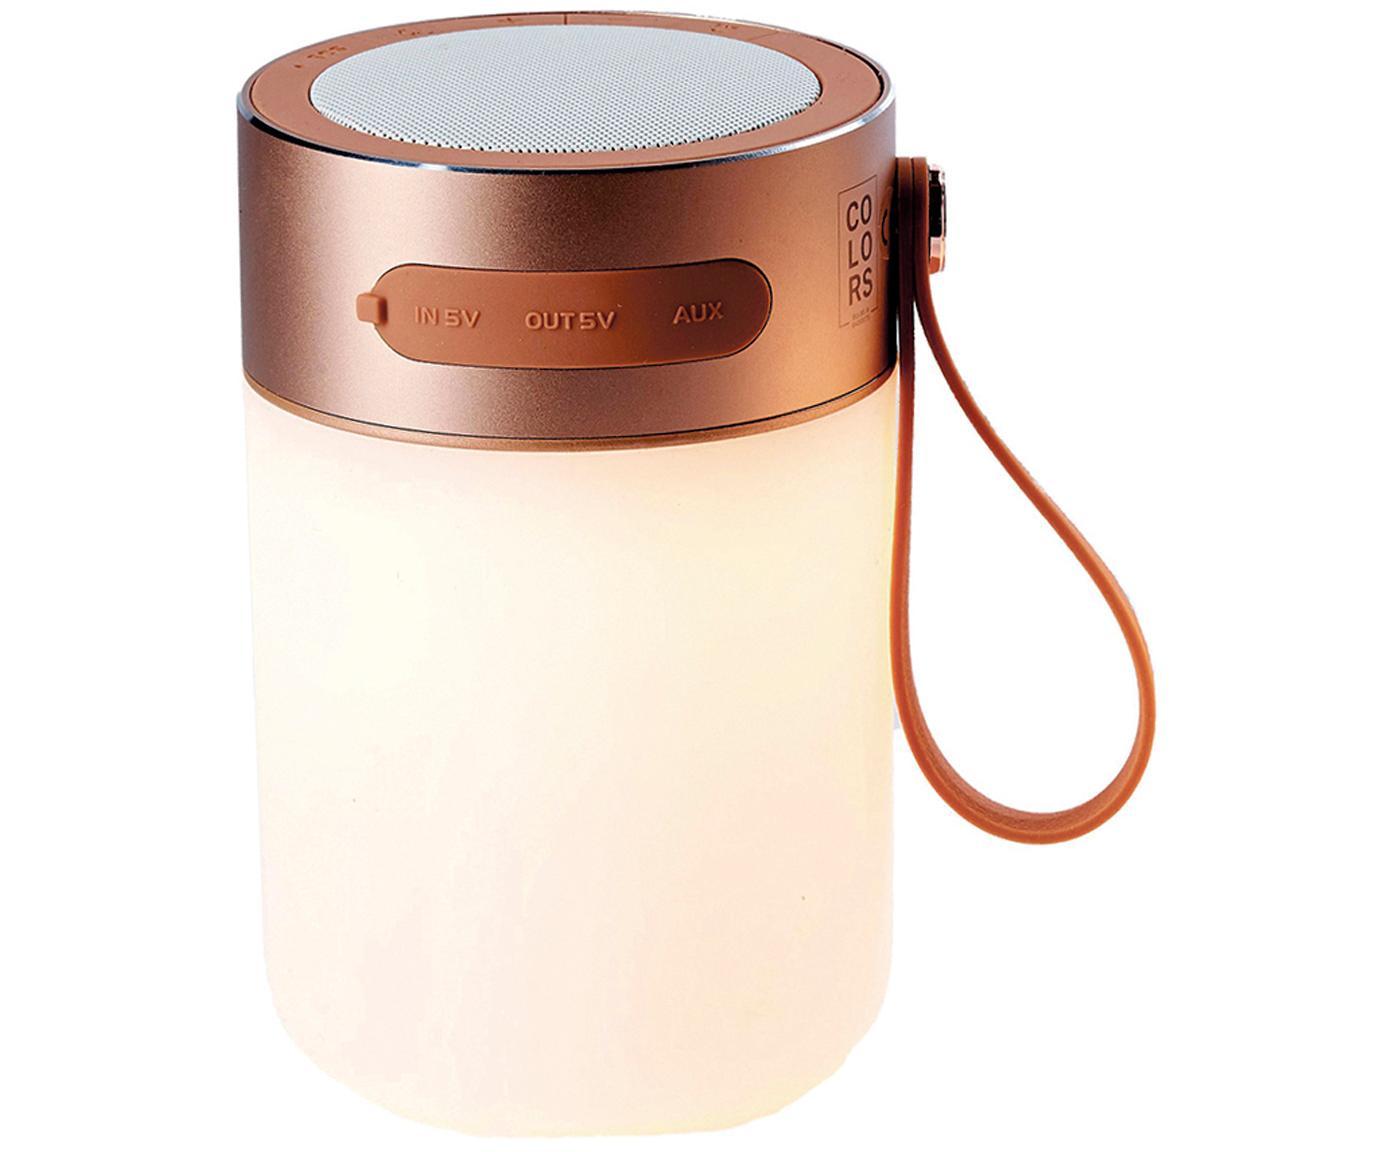 Mobiele outdoor LED lamp met luidspreker Sound Jar, Frame: metaal, Lampenkap: kunststof, Koperkleurig, wit, Ø 9 x H 14 cm